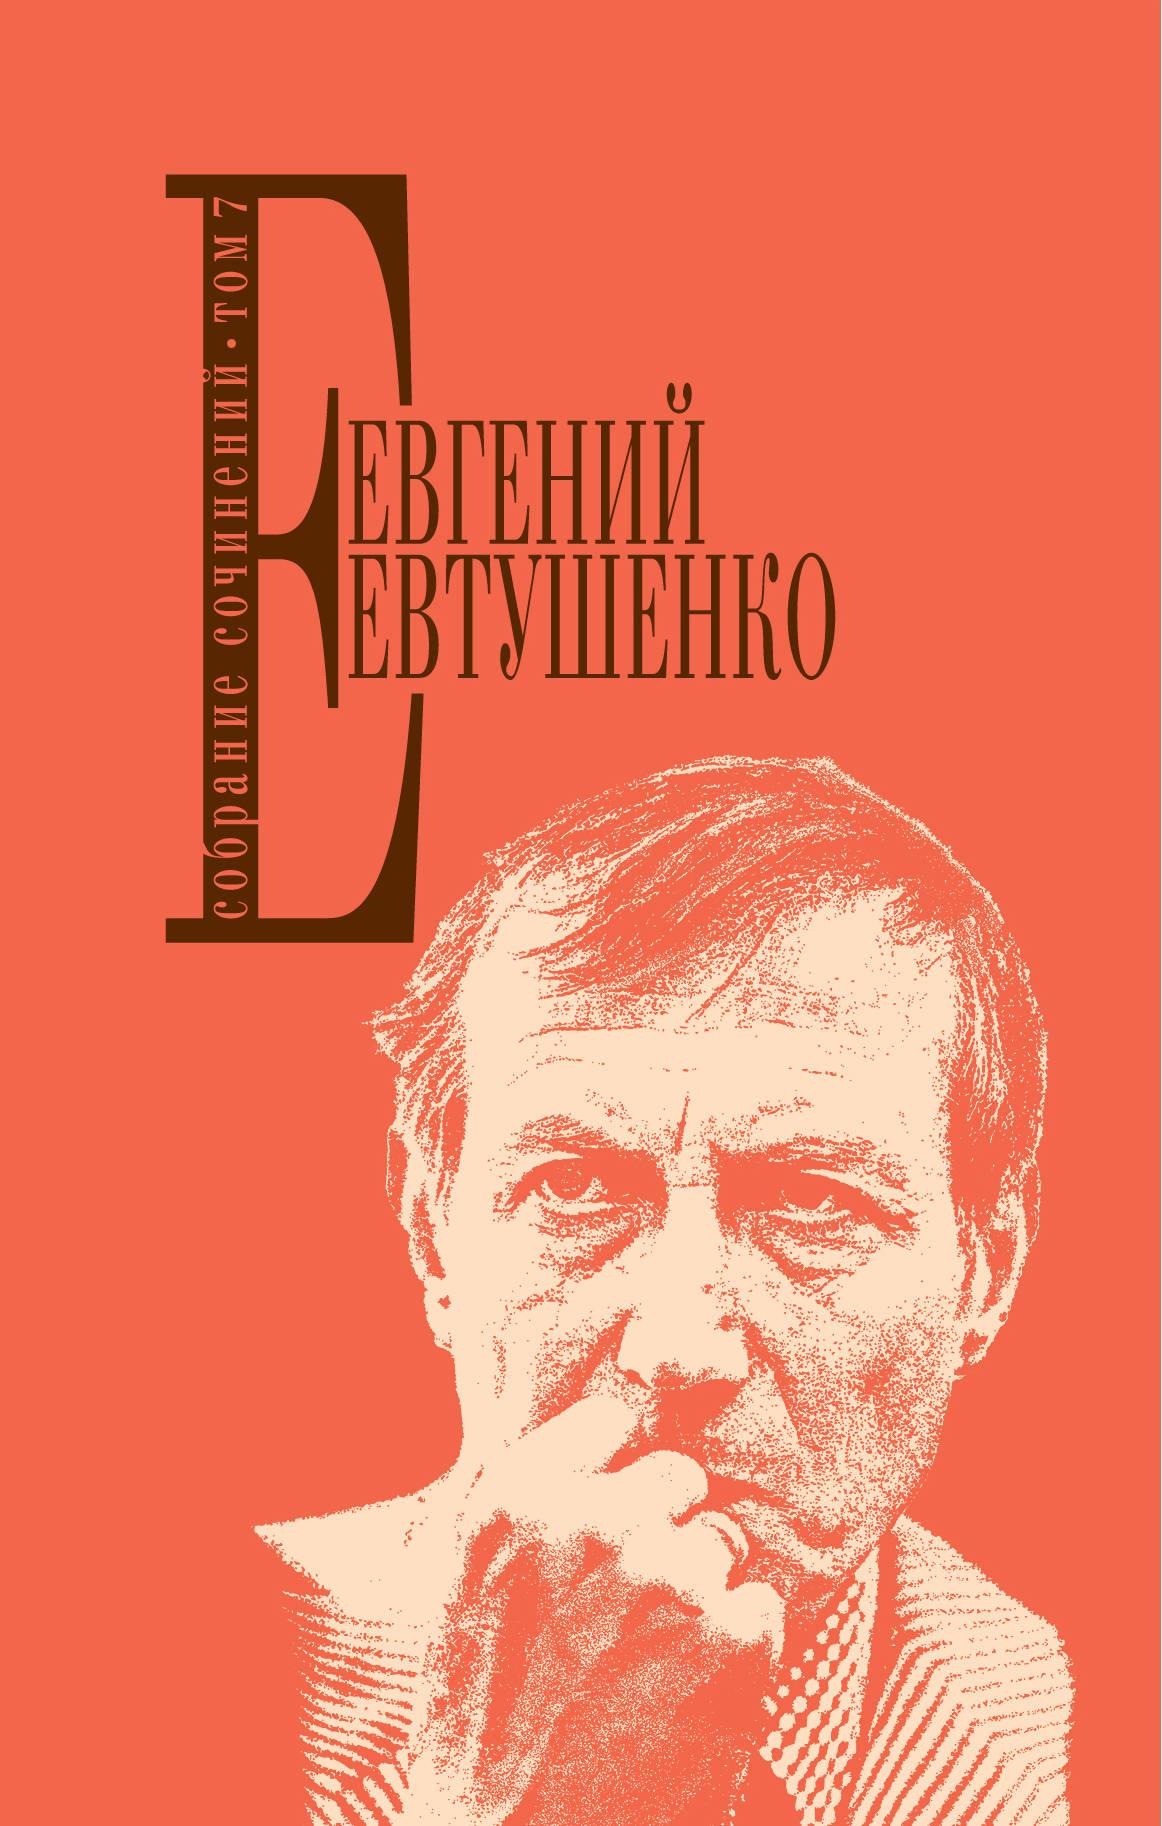 Евгений Евтушенко Евгений Евтушенко. Собрание сочинений. Том 7 стоимость